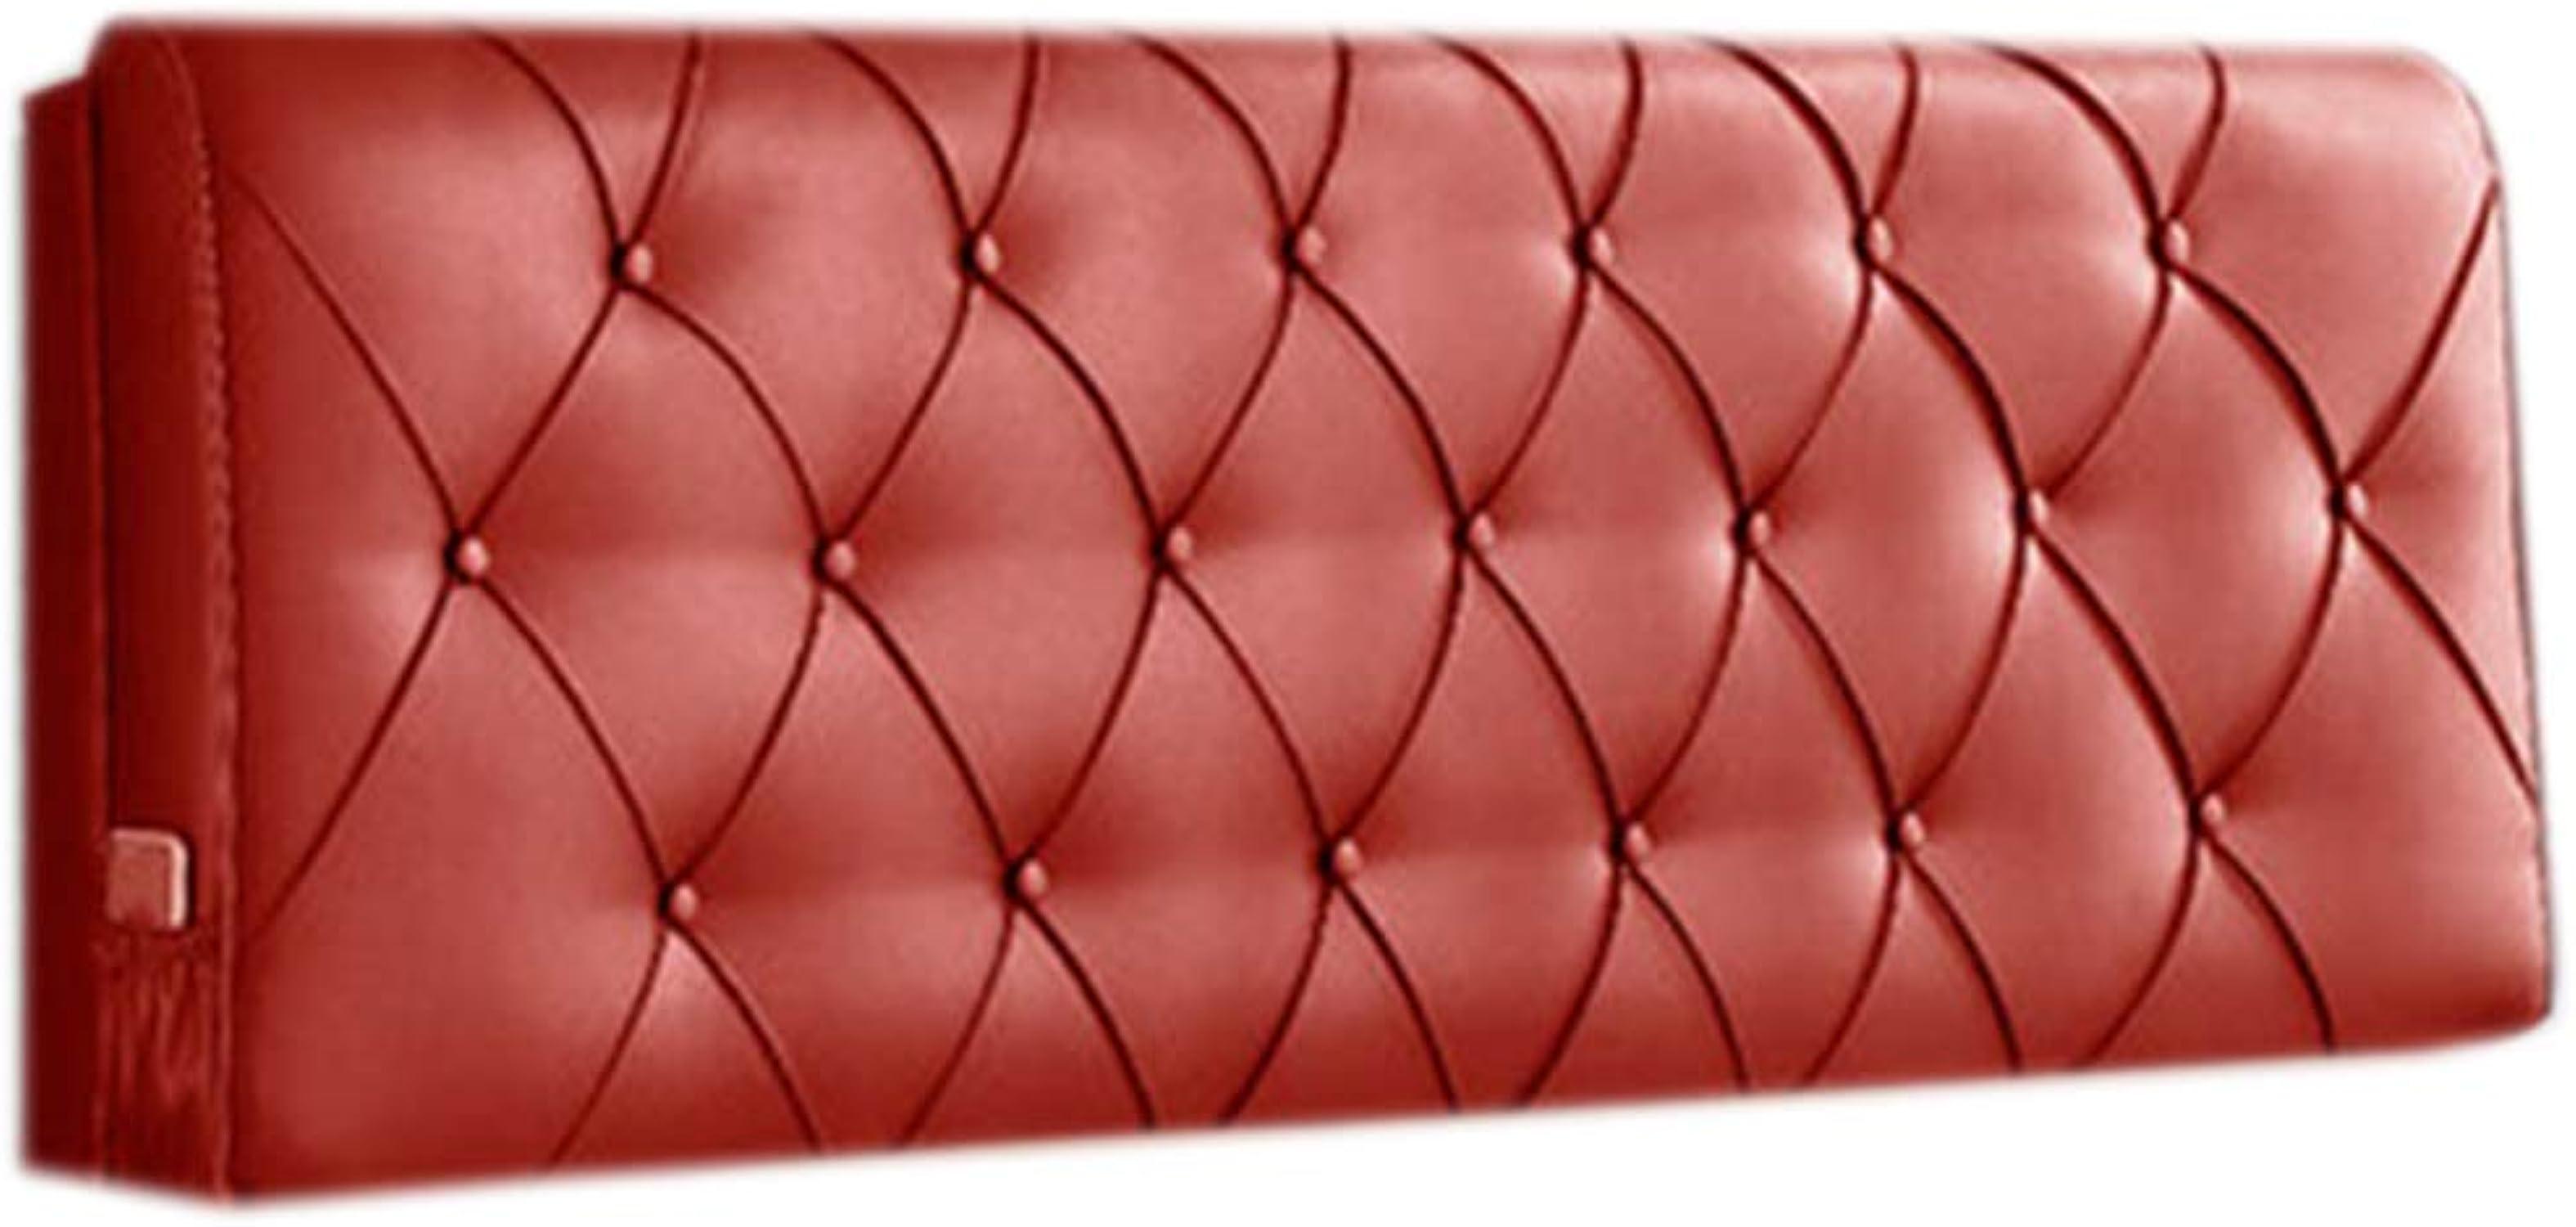 JYW-kaodian Tête De Lit Coussin Wedge PilFaible Housses De Coussins Oreiller,Tête de lit en Cuir Moderne Amovible 5 Couleurs en 6 Tailles,rouge,120  58  10cm